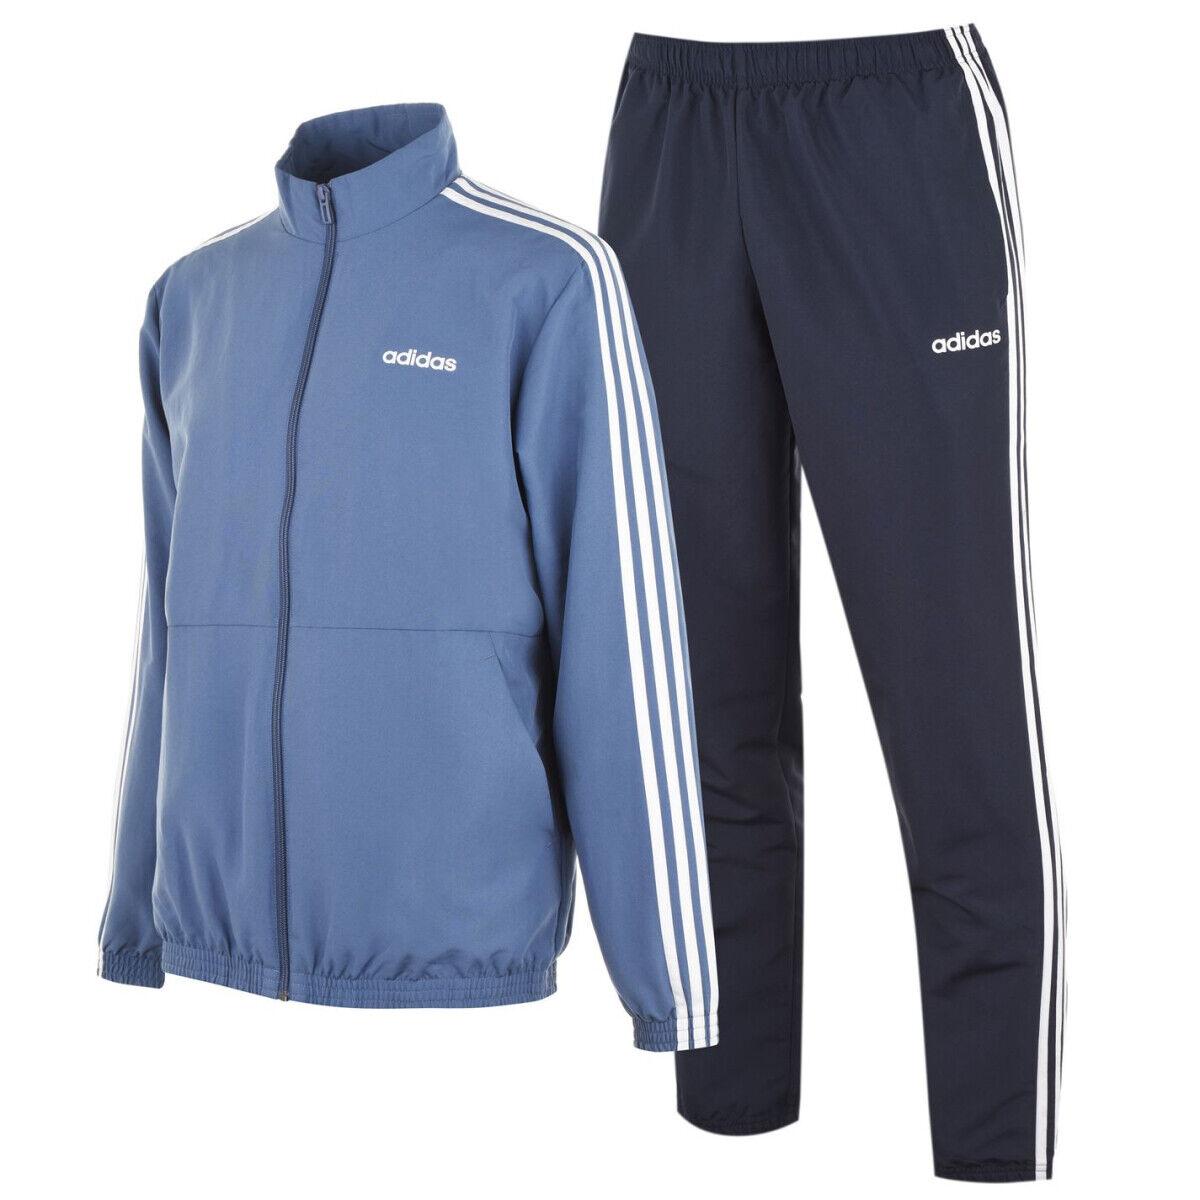 Adidas Trainingsanzug Herren Sportanzug 3 Streifen Jogginganzug Freizeit Woven 9